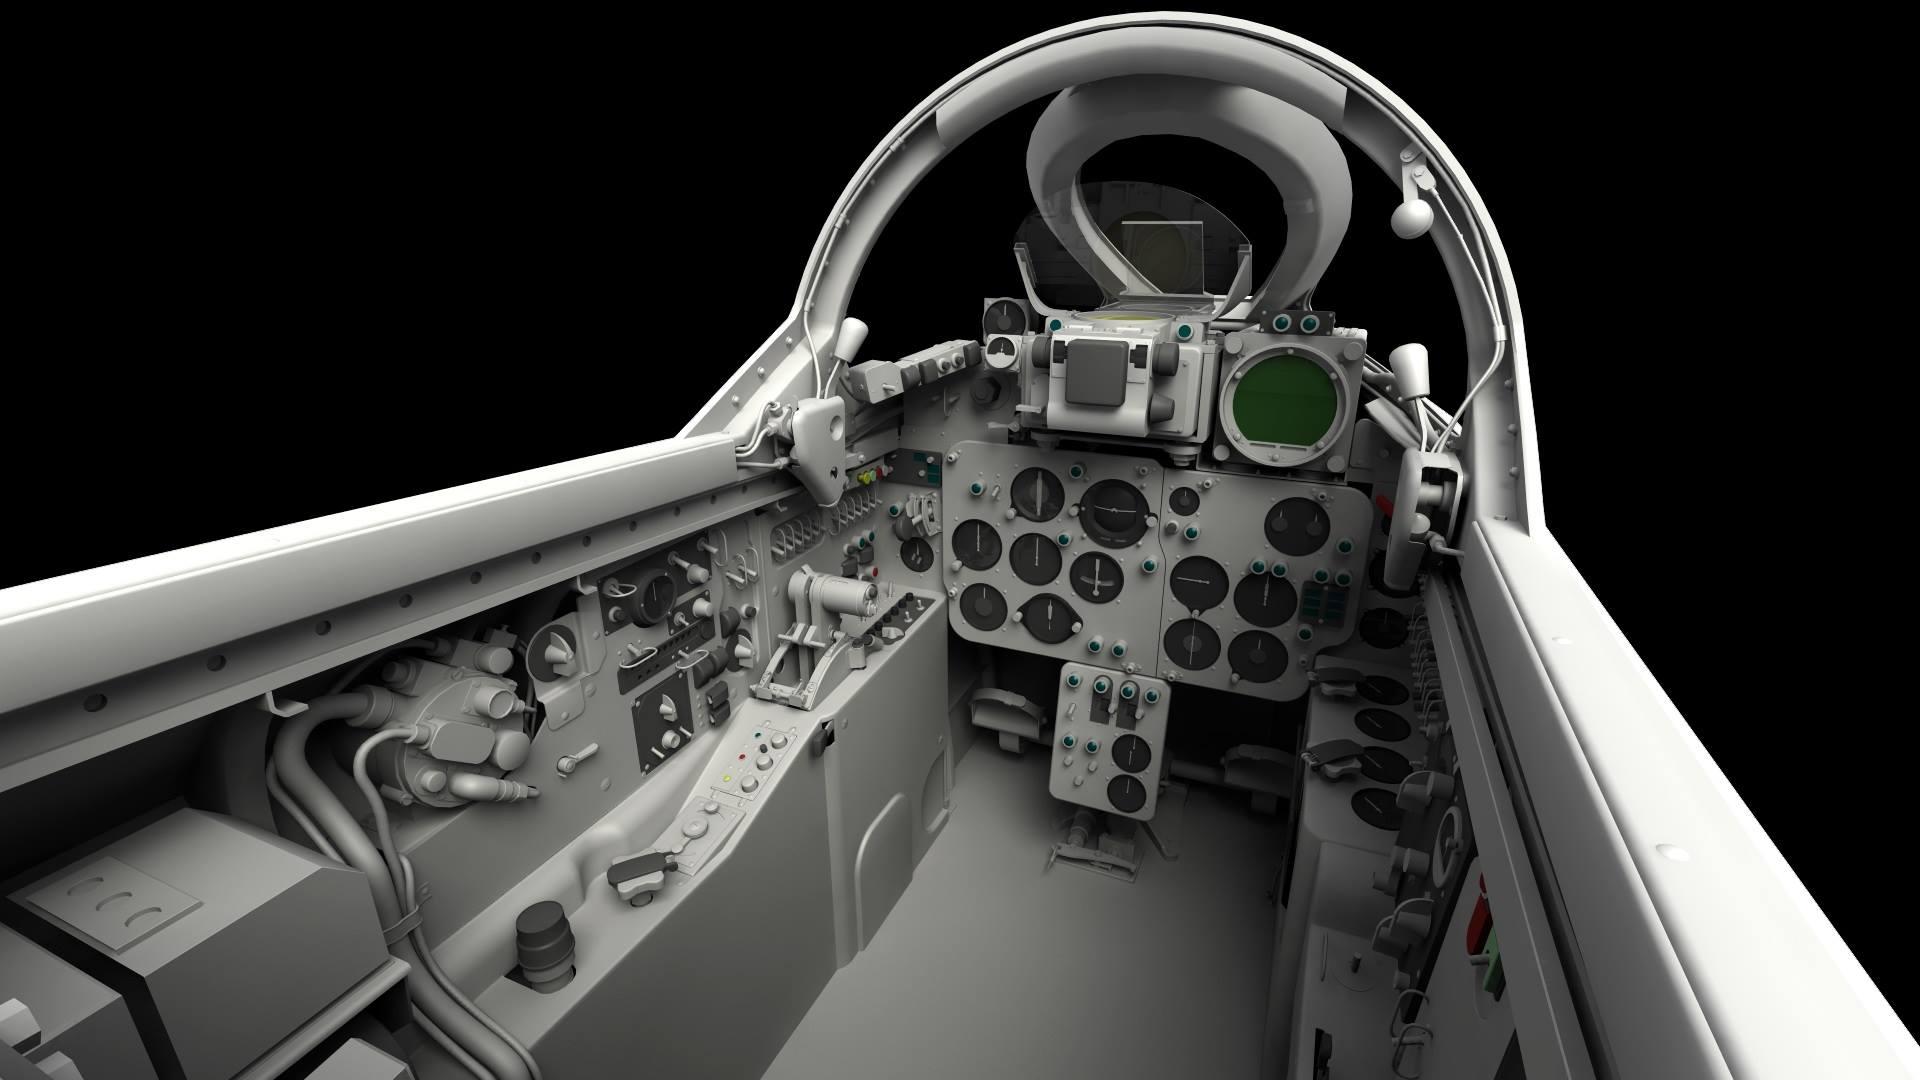 Mig 19 Cockpit